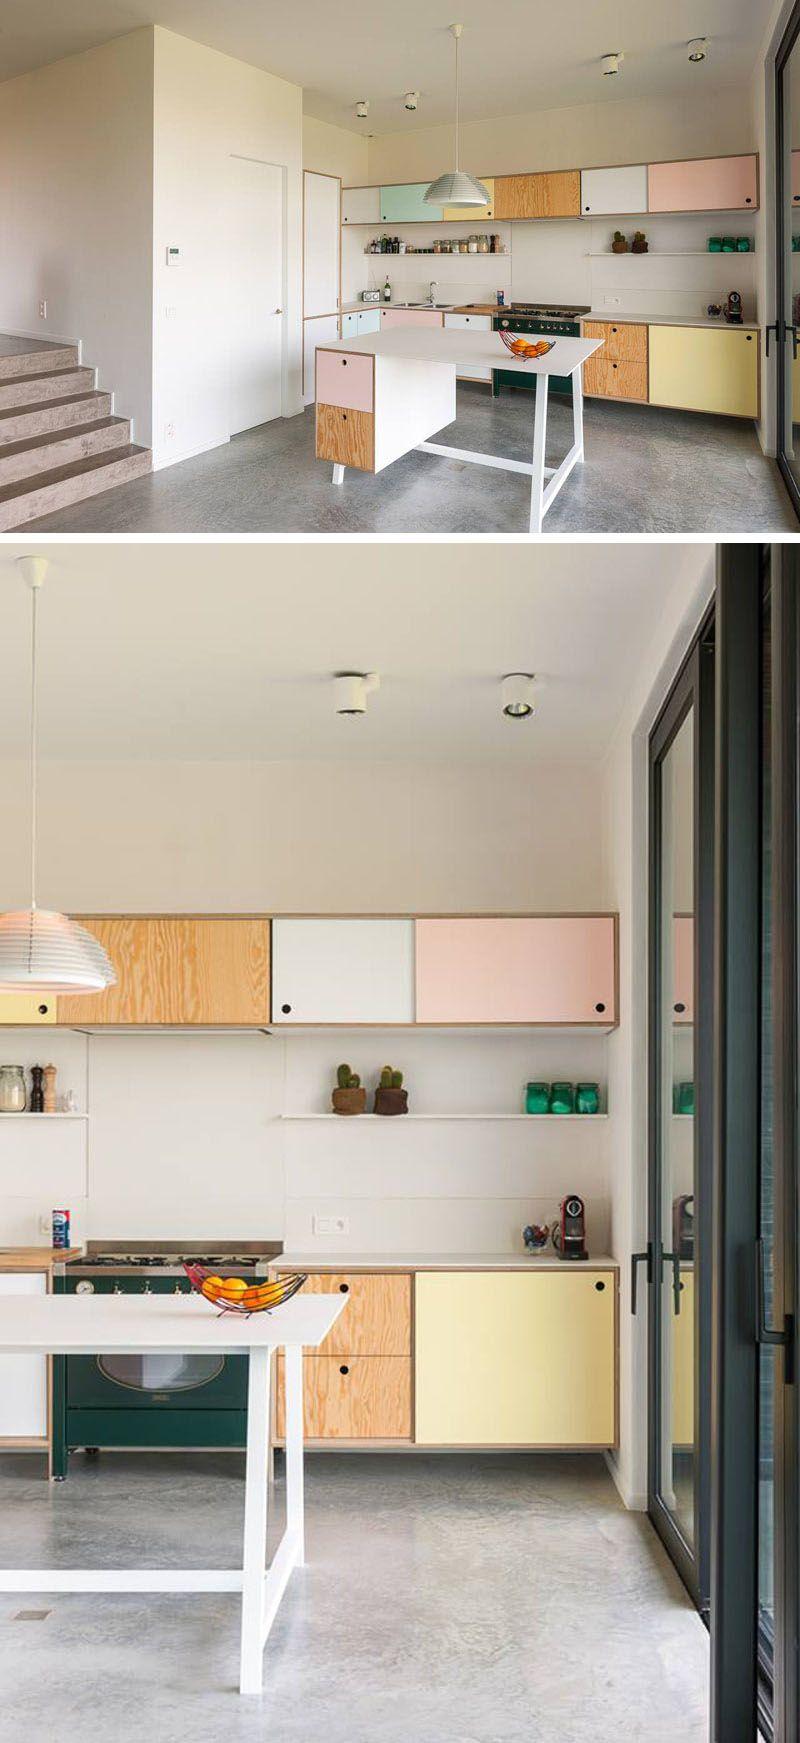 Kitchen Design Idea - Cabinet Hardware Alternatives | Cabinet ...